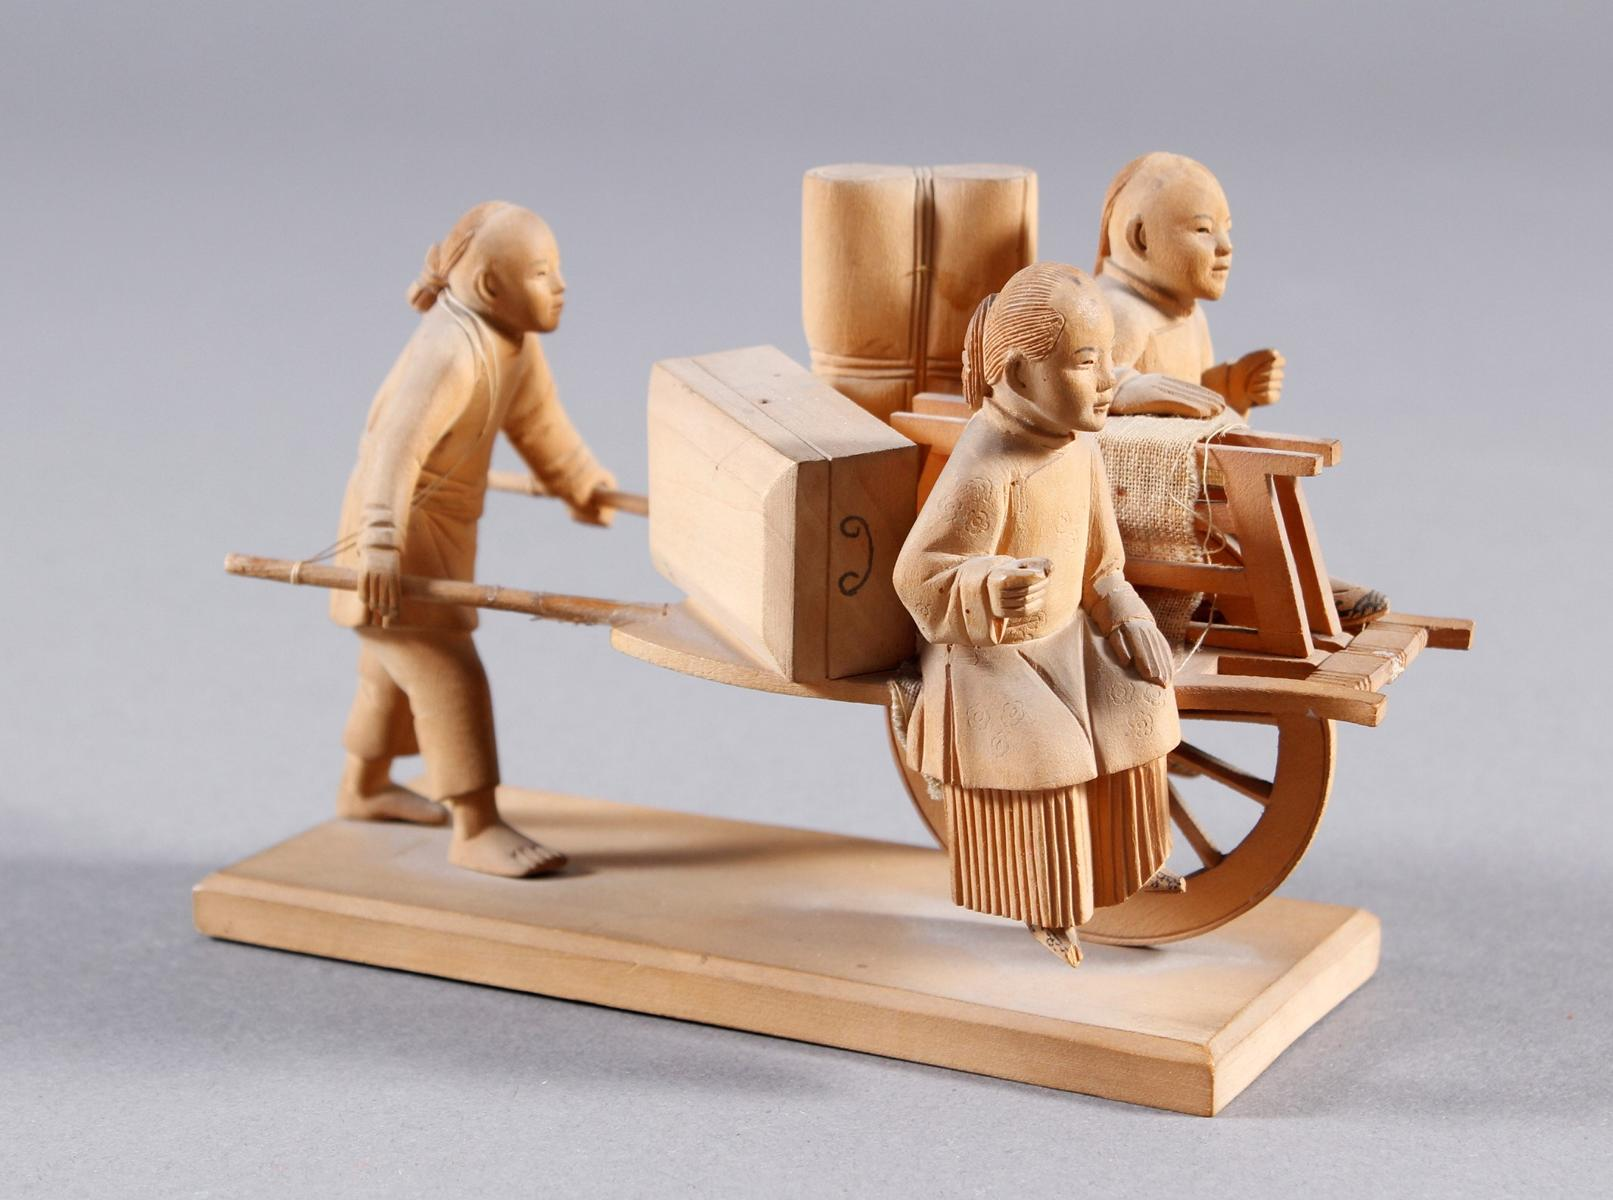 Holzschnitzerei, China um 1900